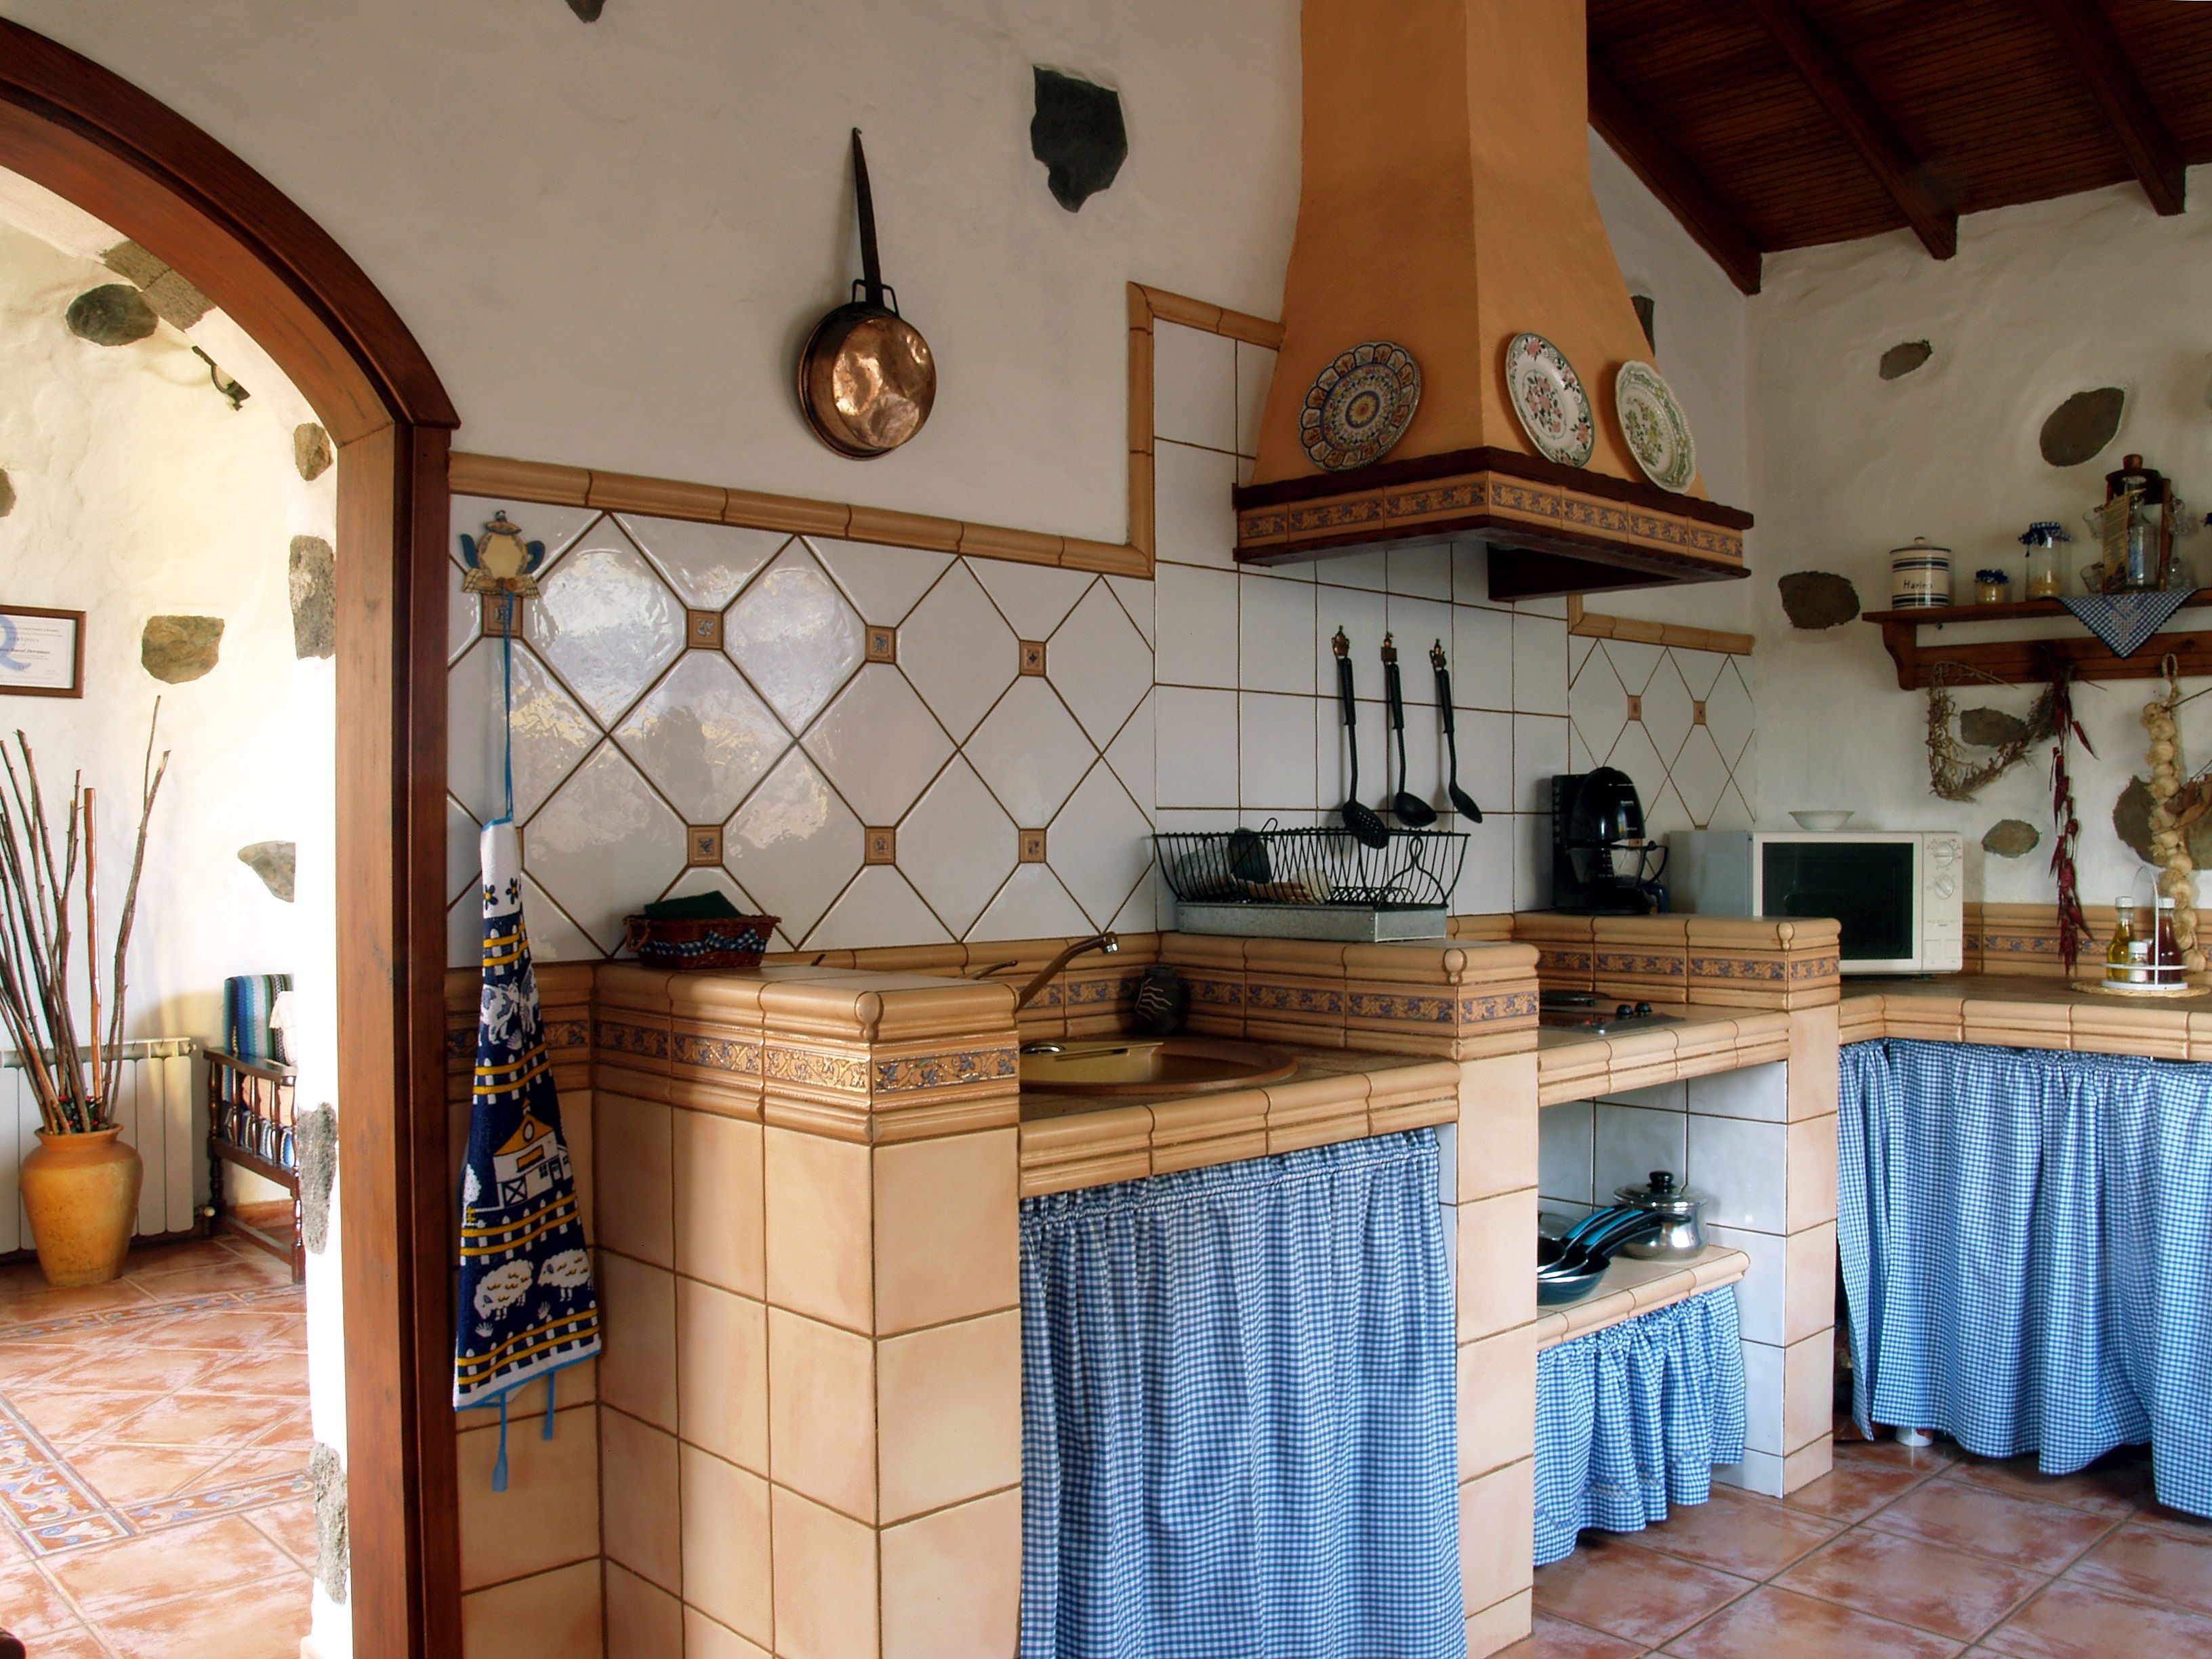 Cocina casa rural doramas pinterest cocinas cocinas for Cocinas rurales